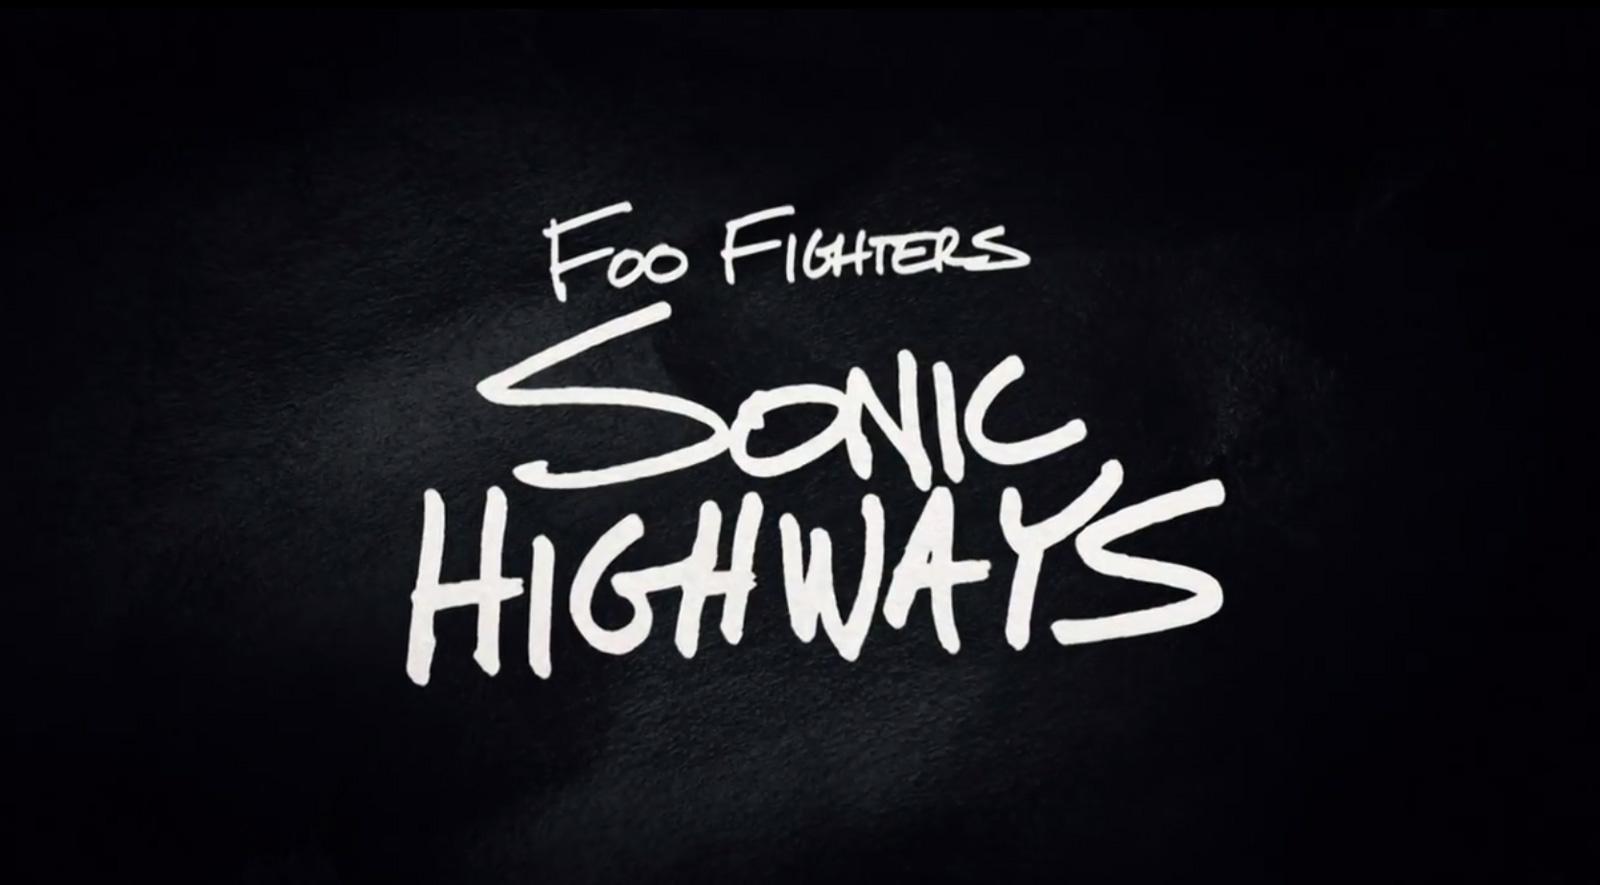 Sonic Highways, un retrato sonoro de Estados Unidos firmado por Foo Fighters